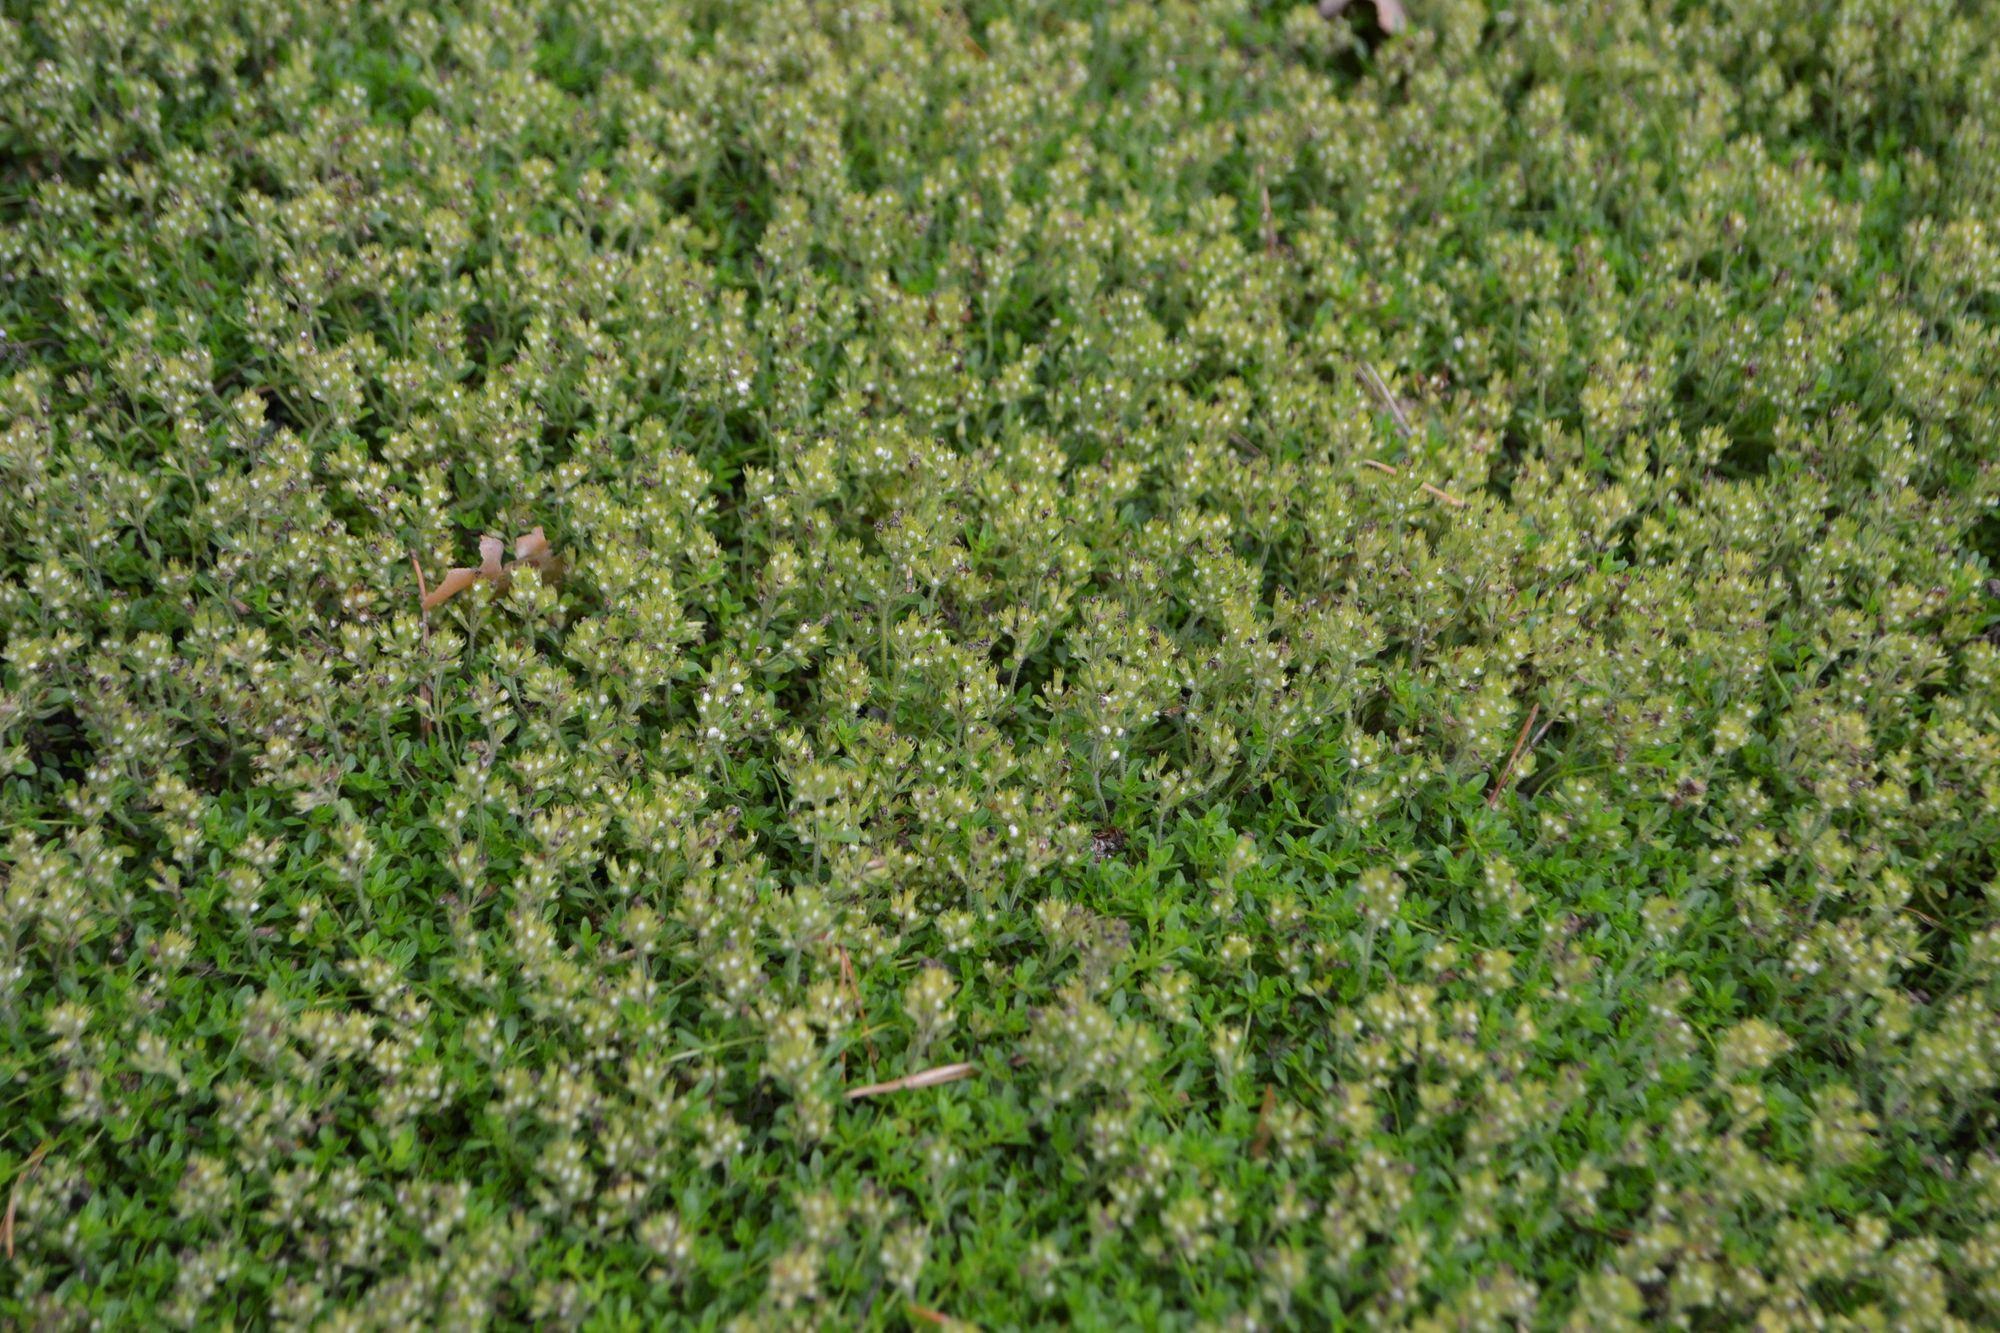 Ankstyvasis čiobrelis 'Albiflorus' (Thymus praecox)